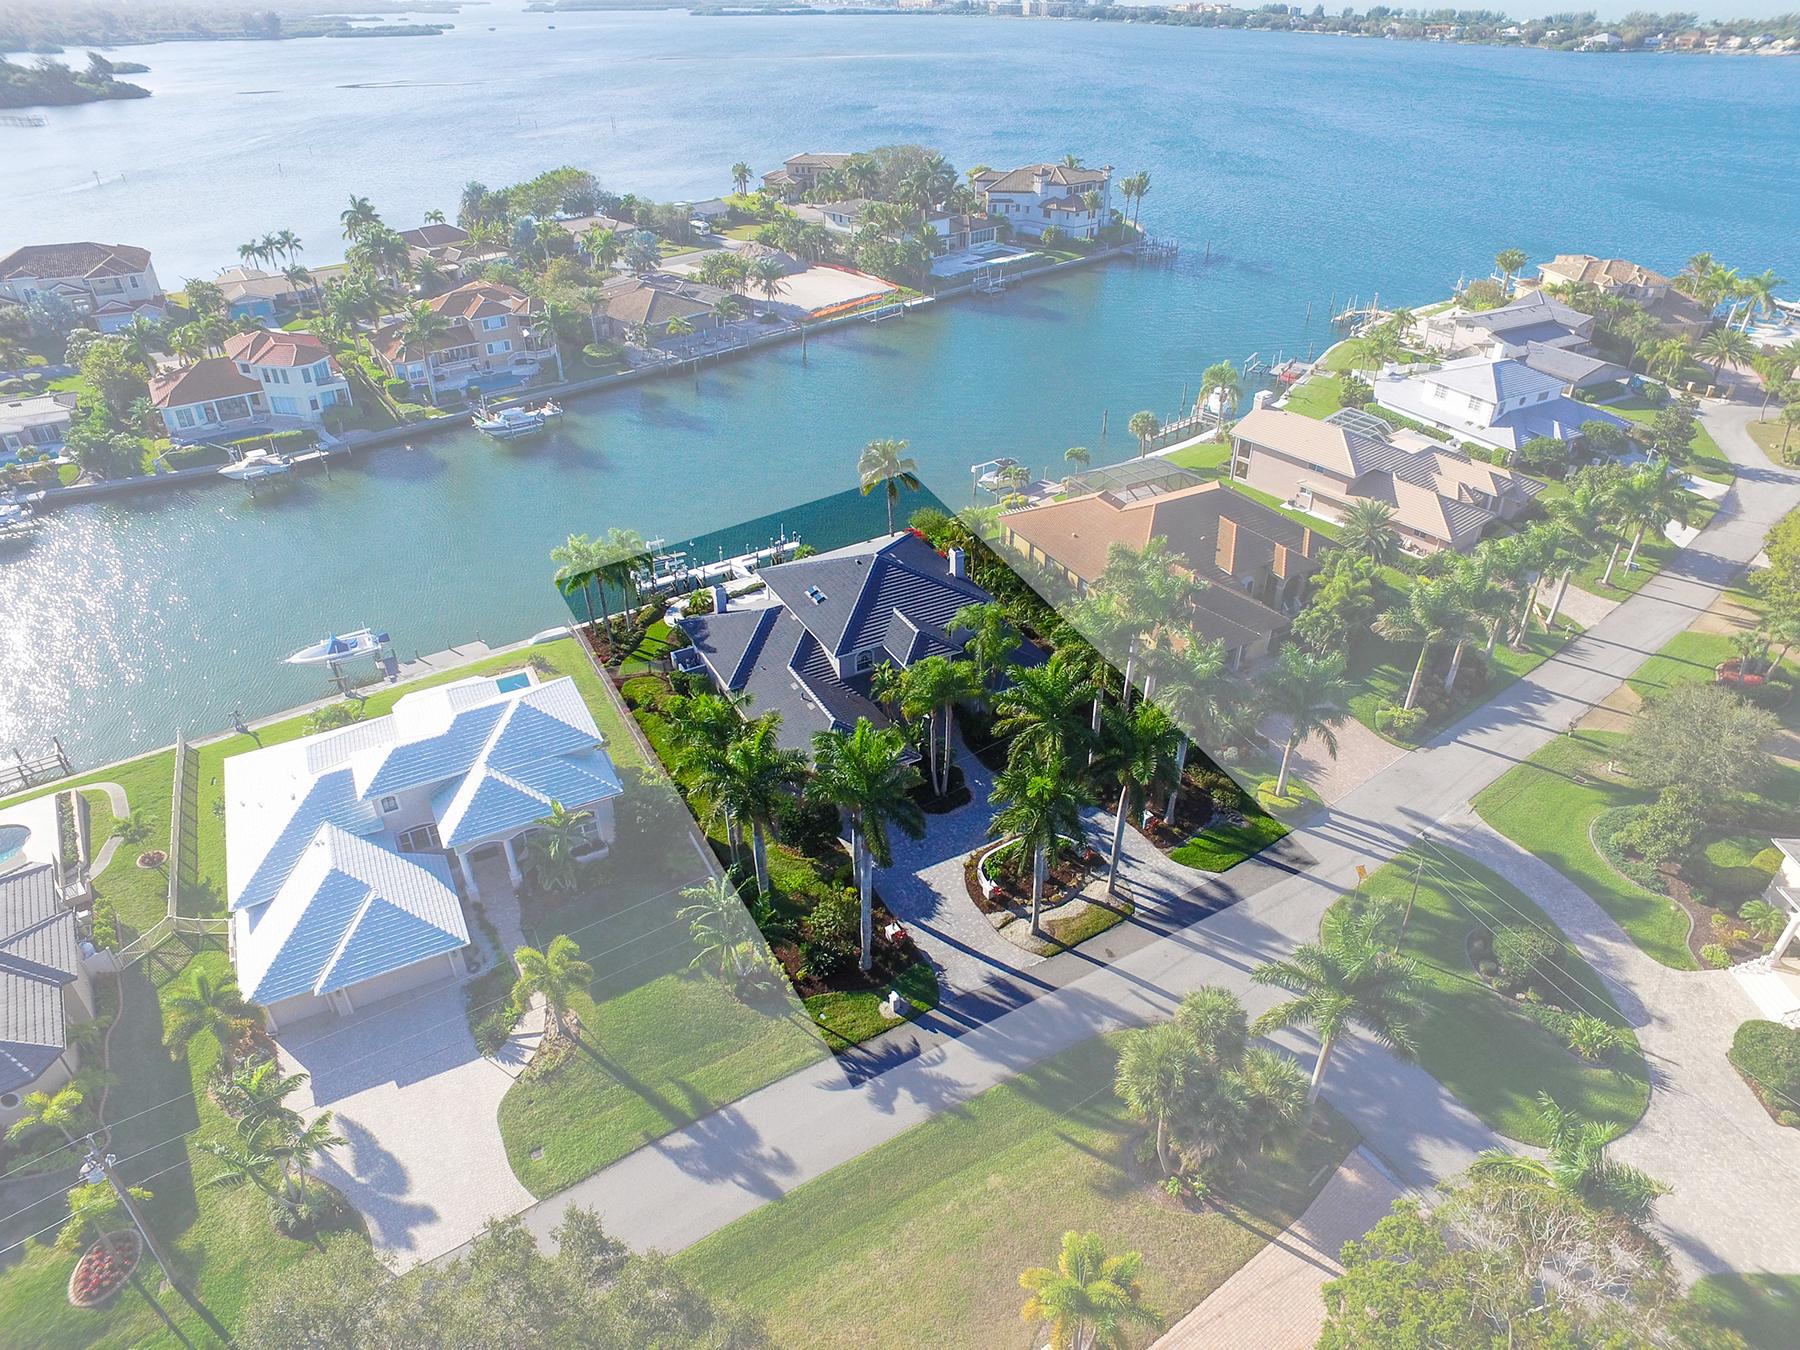 단독 가정 주택 용 매매 에 SOUTHPOINTE SHORES 7667 Cove Terr Sarasota, 플로리다, 34231 미국